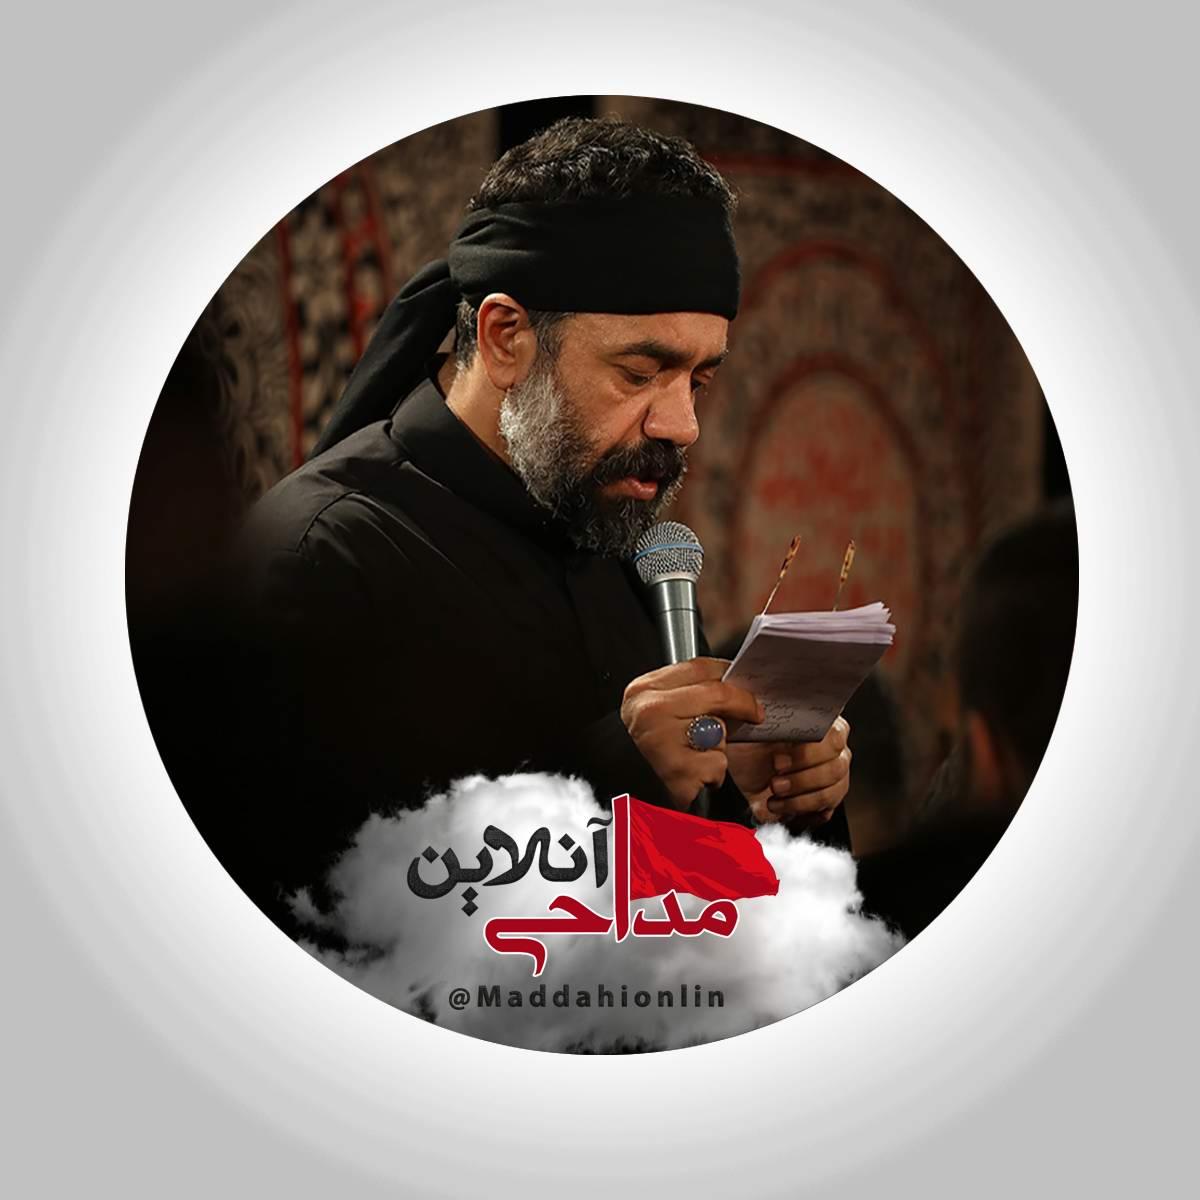 دانلود مداحی جدید محمود کریمی